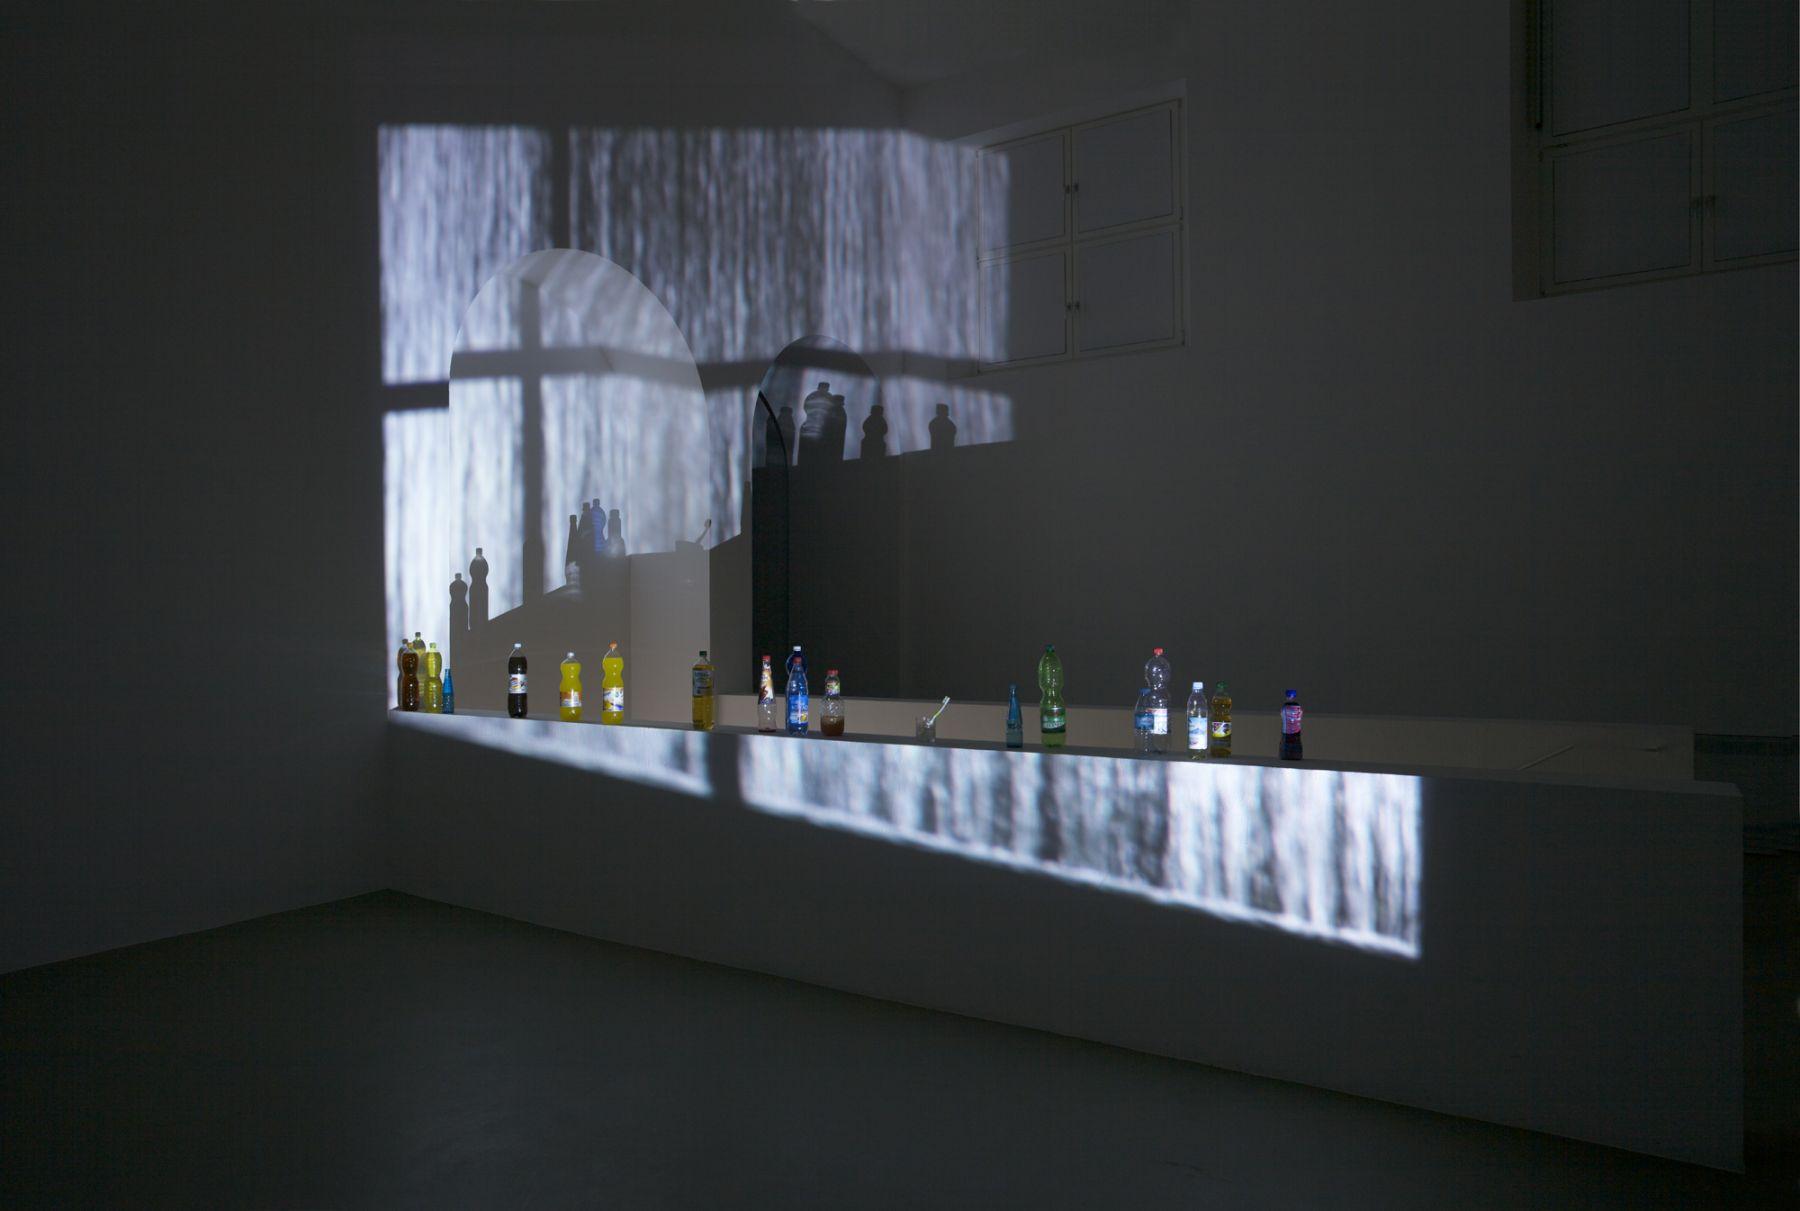 Trisha Baga, Rain, 2012